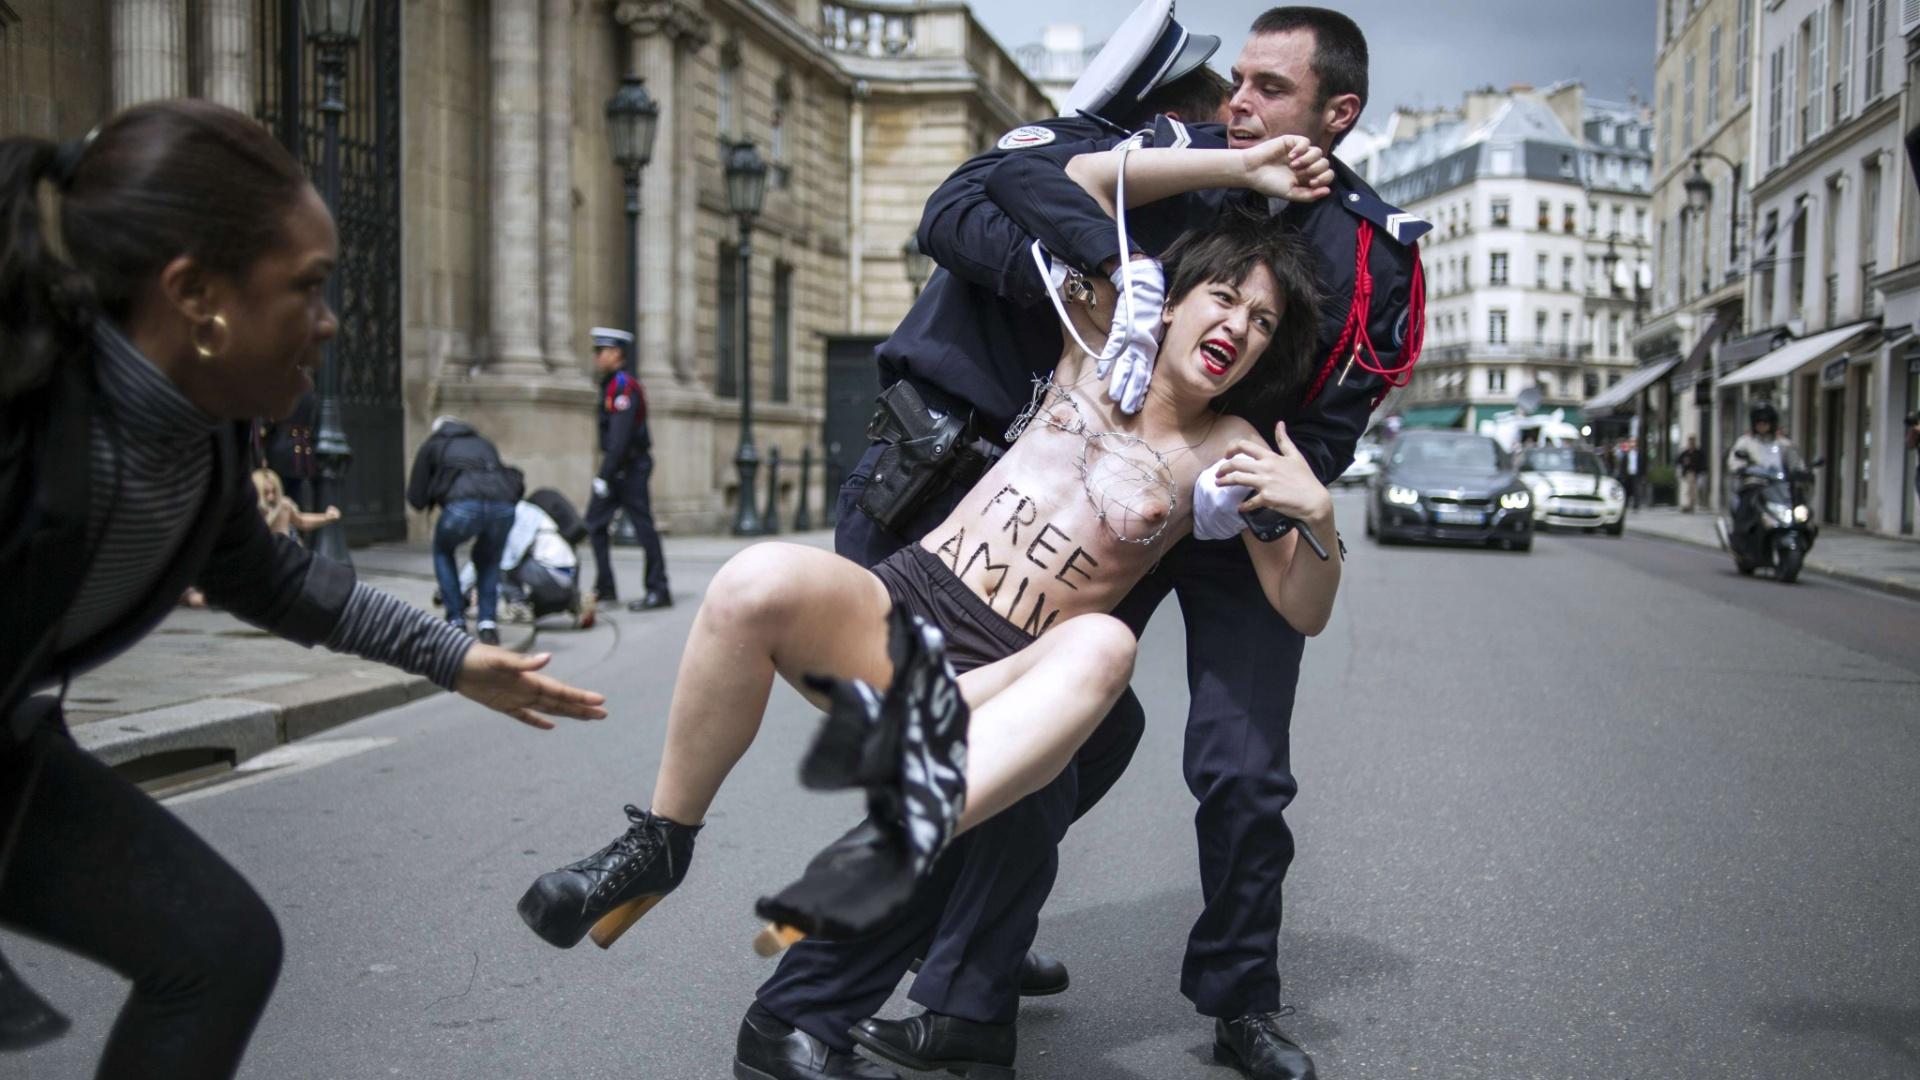 3.jul.2013 - Policial prende uma ativista do Femen que protestava do lado de fora do Palácio Elysee, em Paris, residência oficial do presidente da França, François Hollande, nesta quarta-feira (3). Com arame farpado ao redor dos seios, as mulheres exigigiam a libertação da ativista Amina Sboui, presa na Tunísia em maio por pichar o nome do grupo em uma parede na cidade de Kairouan. Hollande fará uma visita de dois dias, a partir de quinta-feira (4), para entregar uma mensagem de